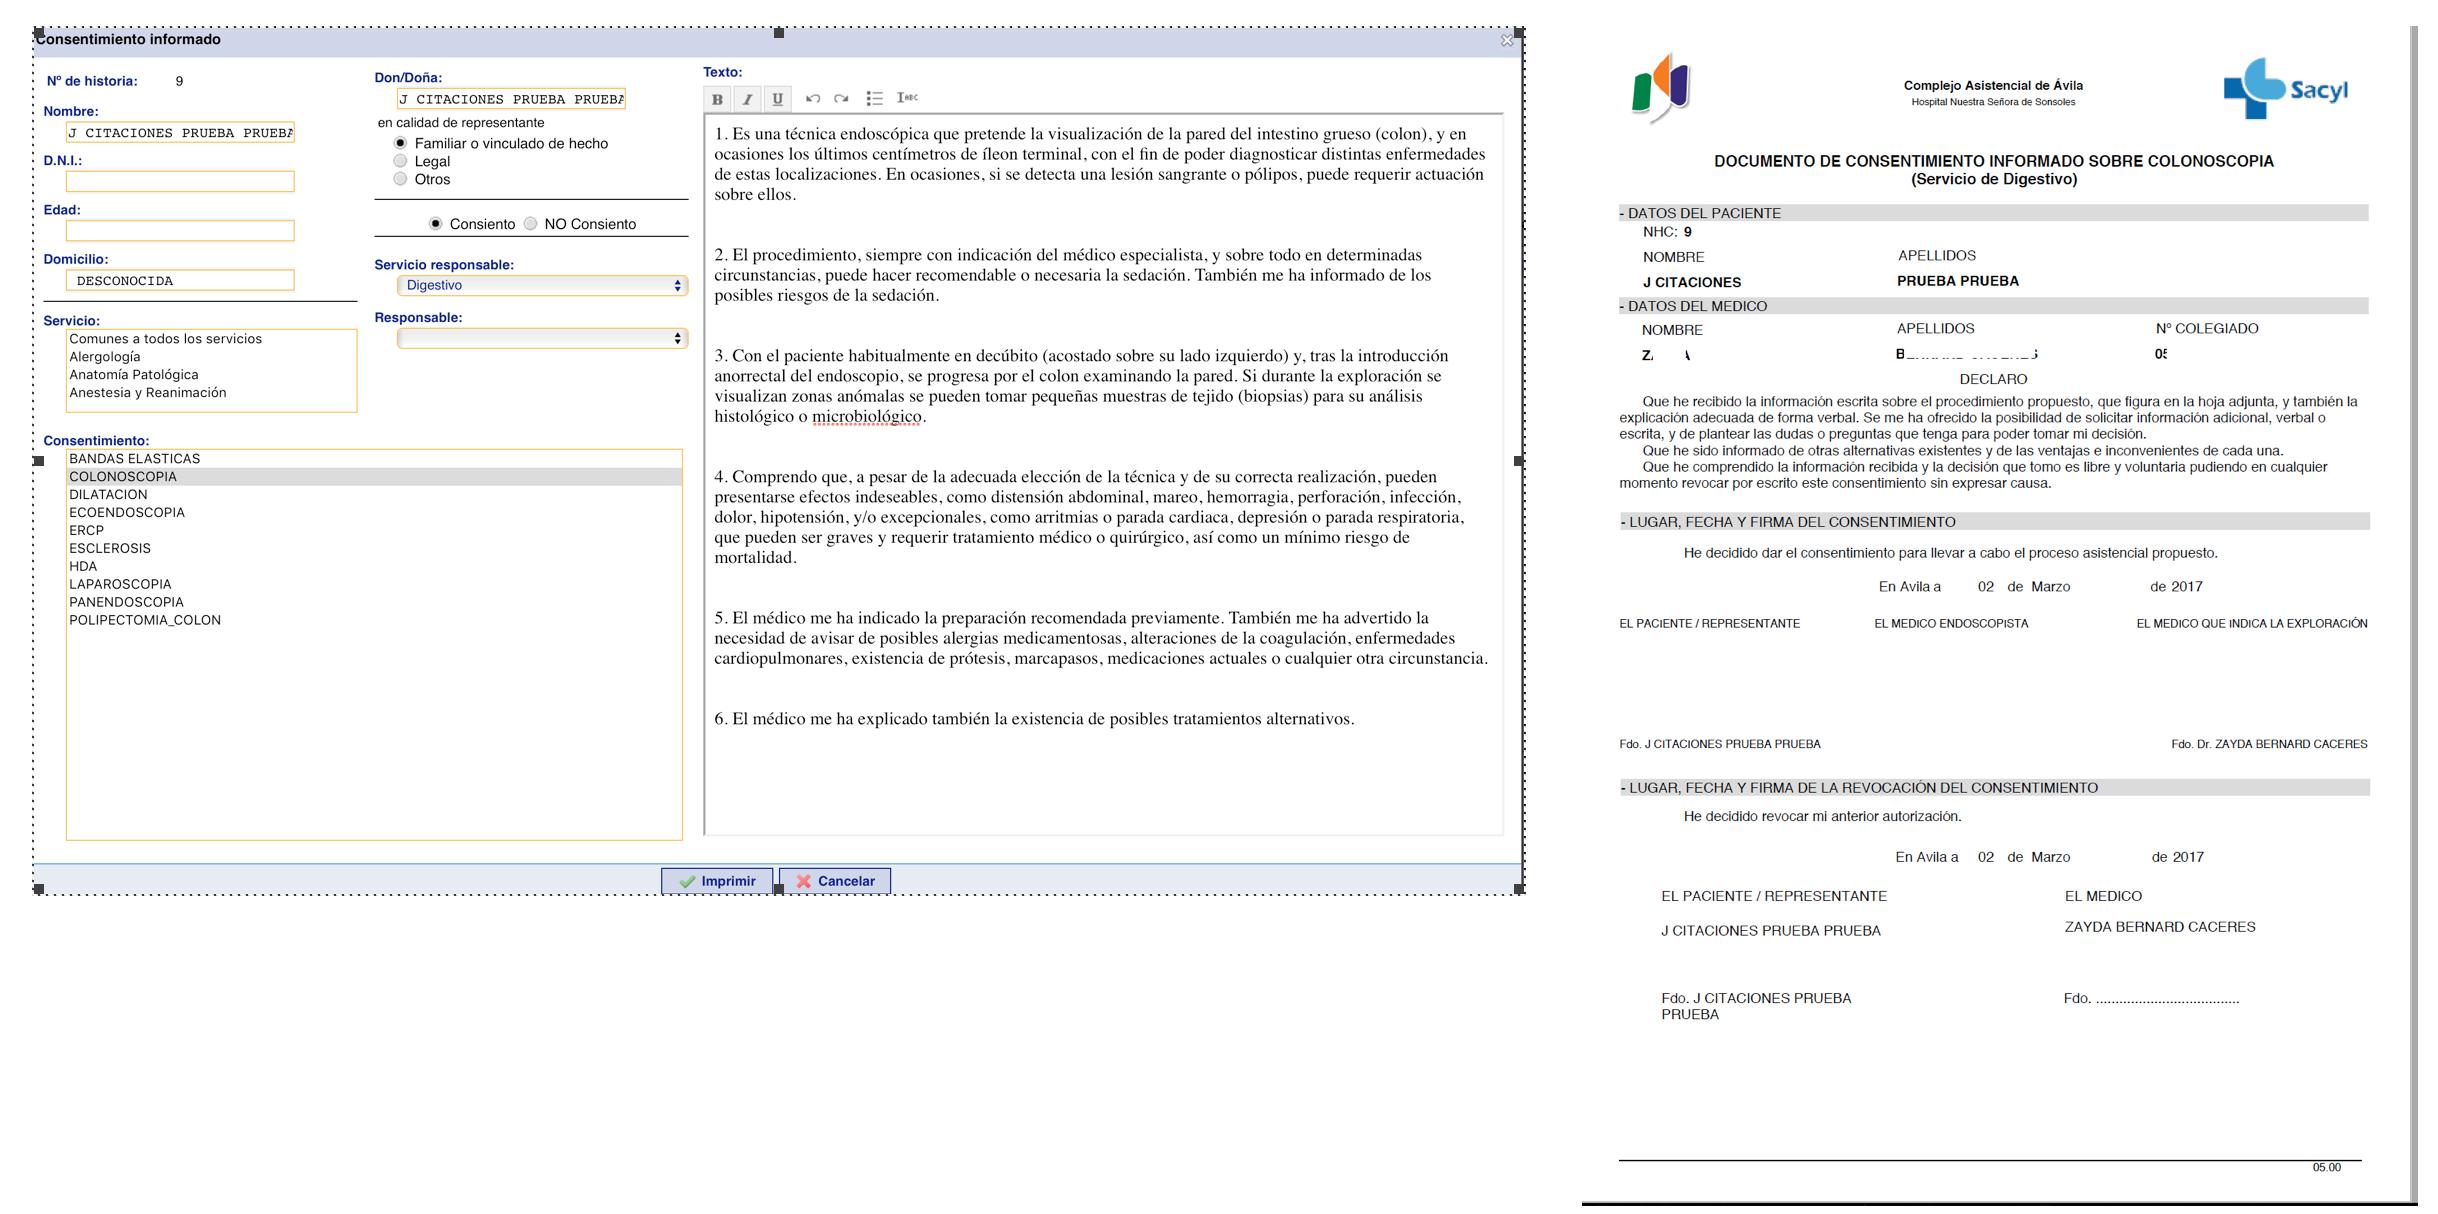 Impresión, firma y digitalización de consentimientos informados ...